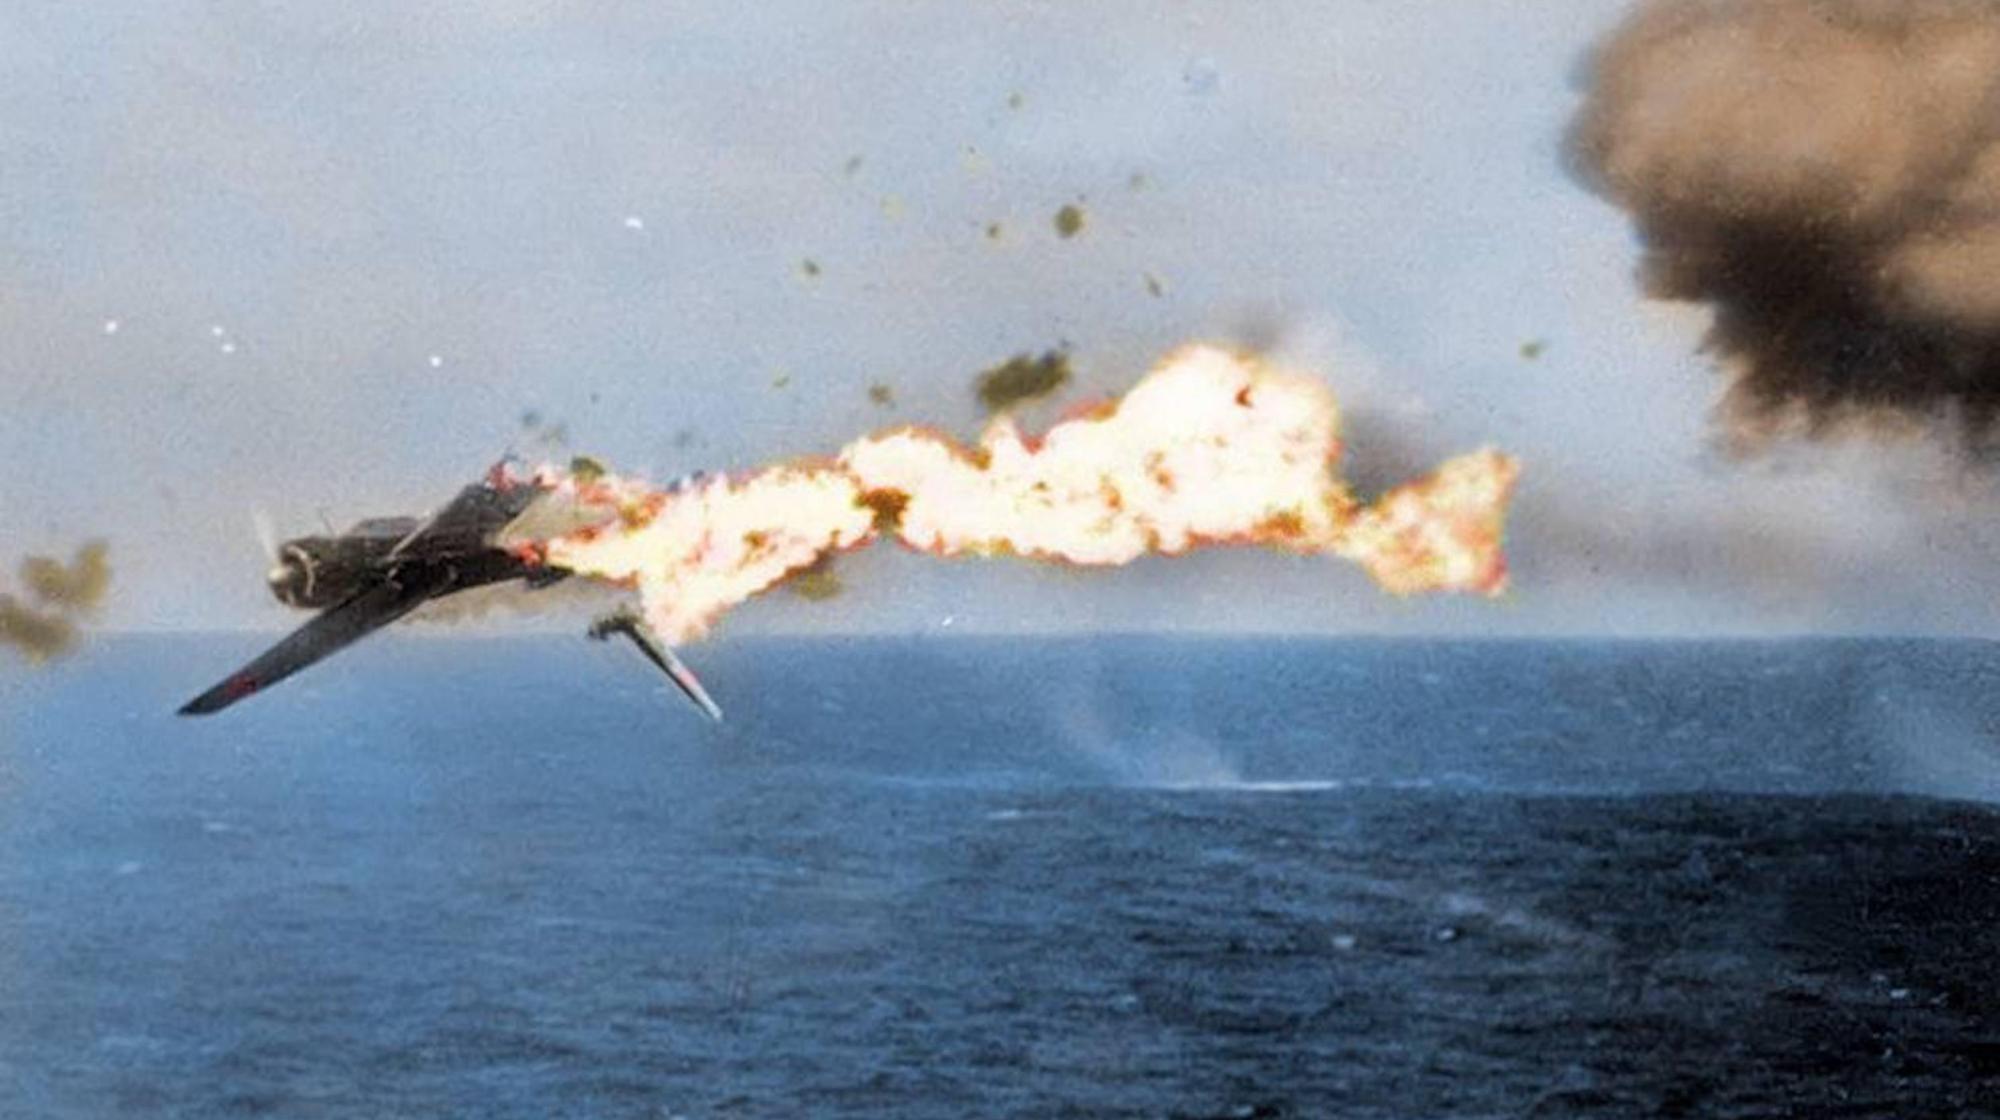 珍贵彩色二战老照片,记录太平洋战场上损失严重的日军